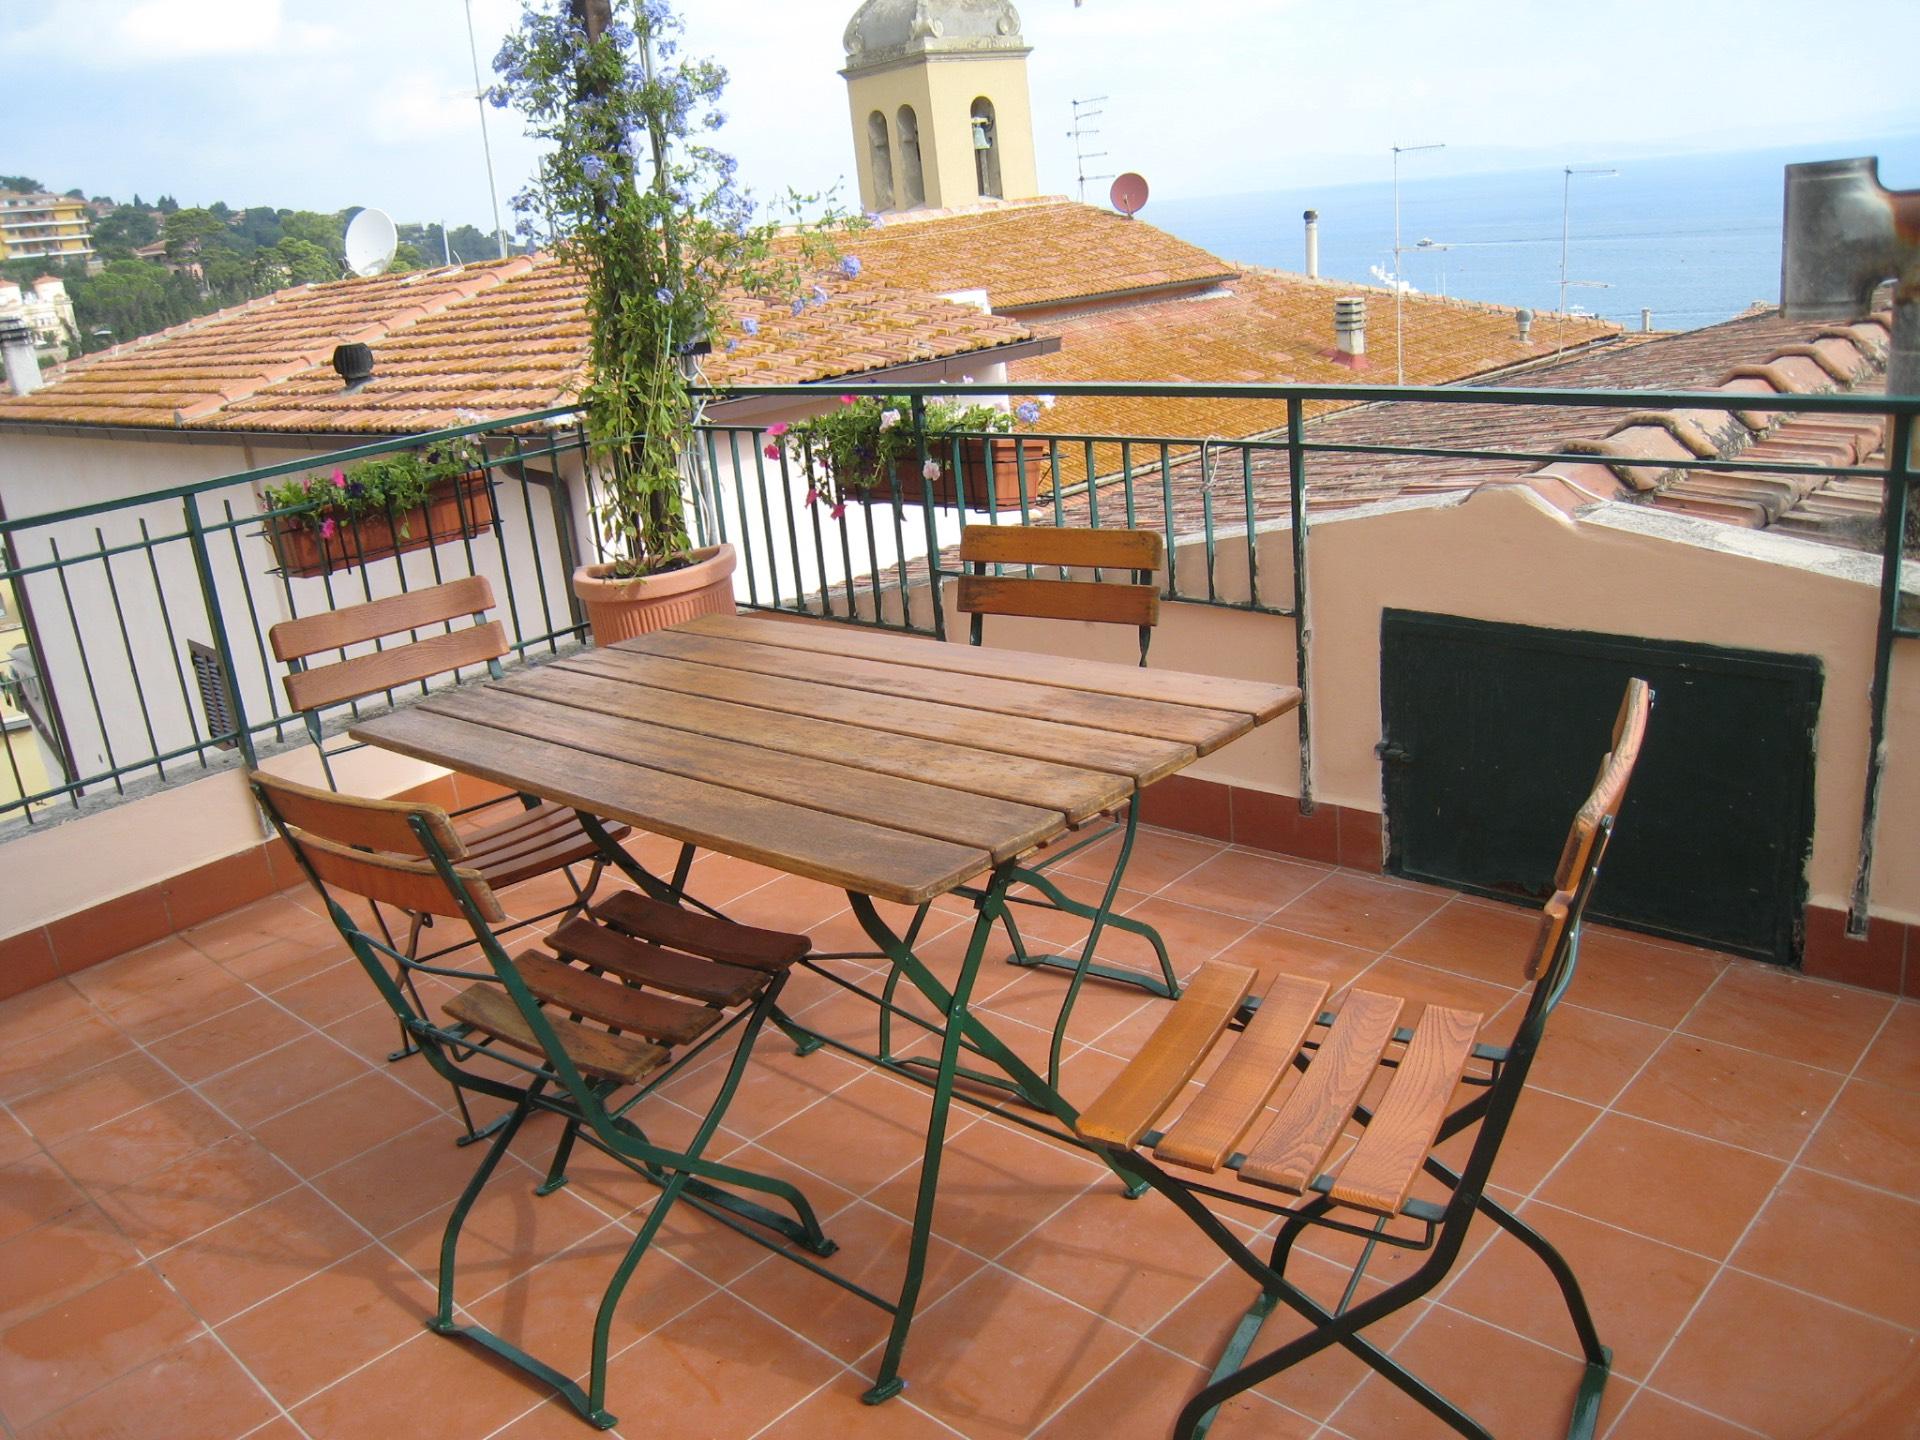 Attico / Mansarda in vendita a Monte Argentario, 3 locali, zona Località: PortoS.oStefano, prezzo € 330.000   Cambio Casa.it